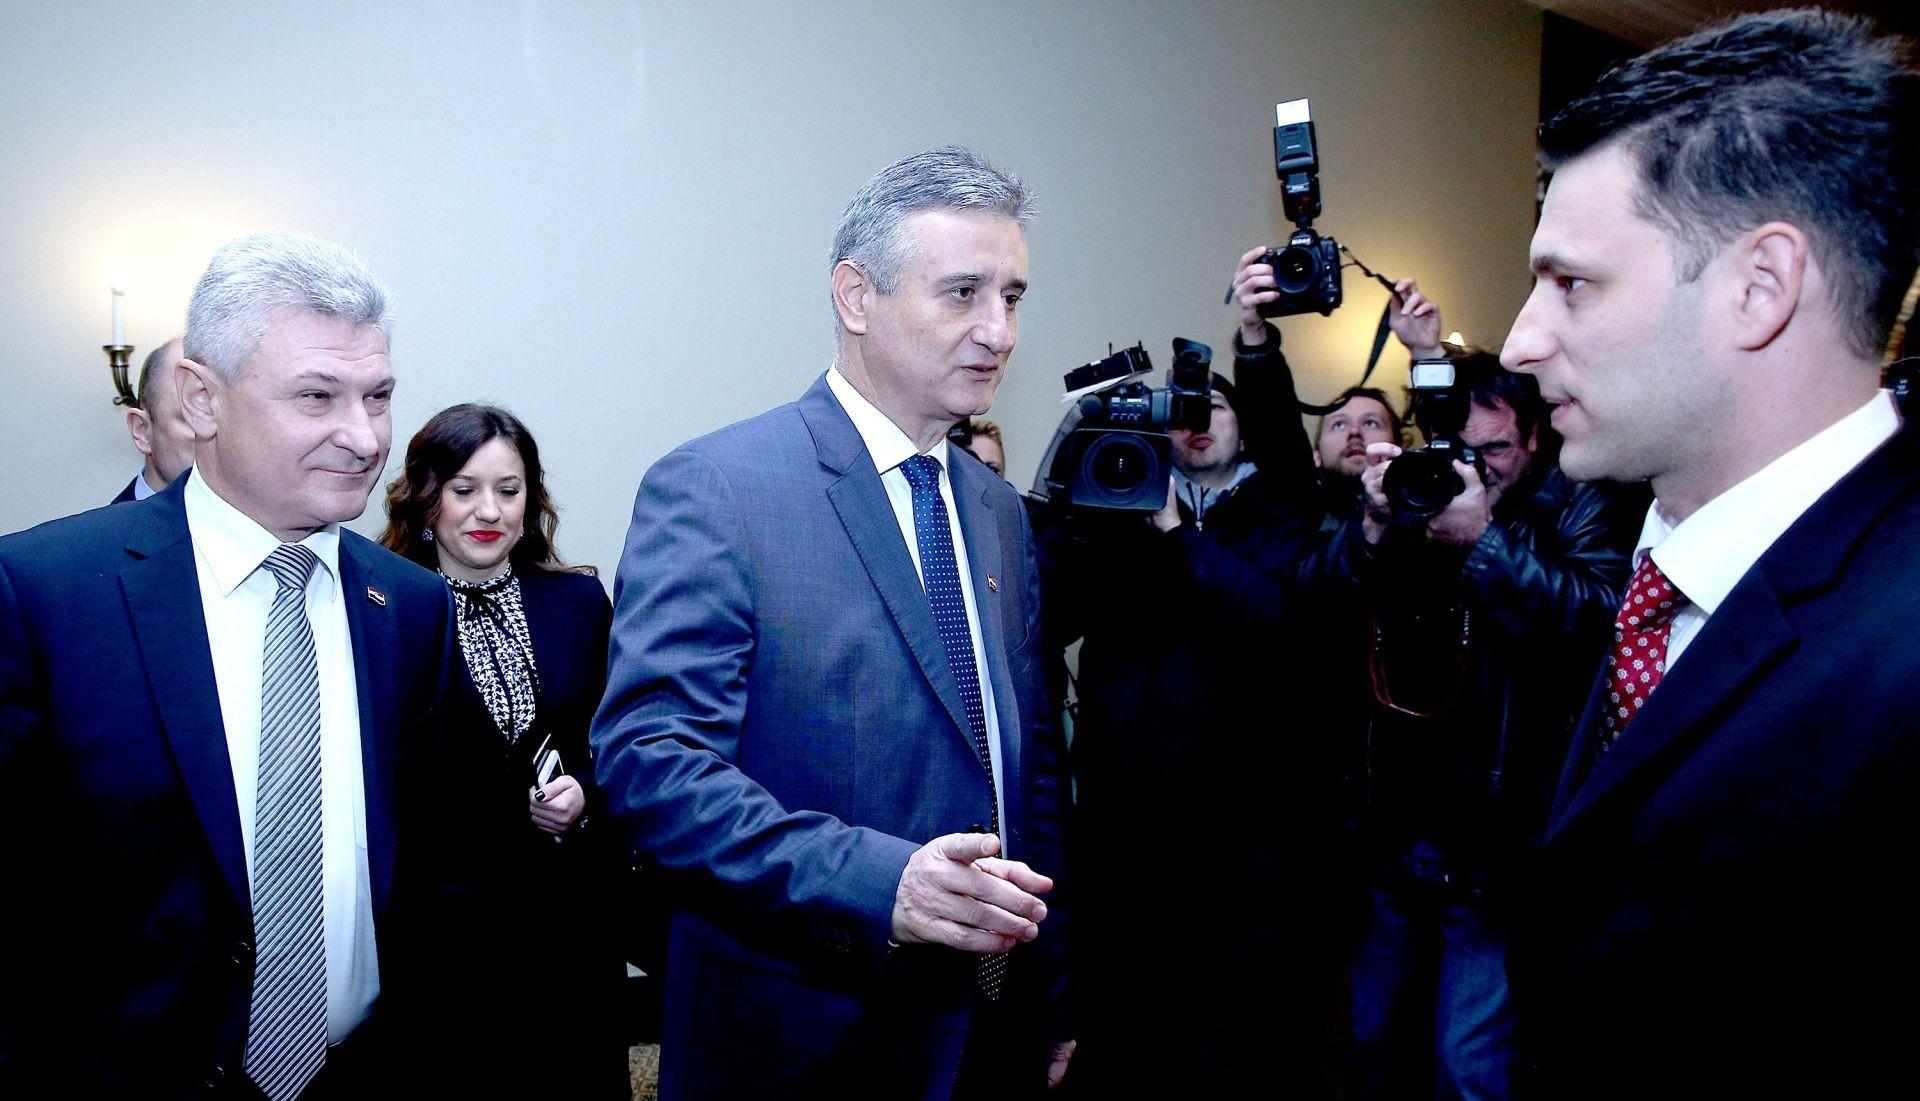 DODATNE KONZULTACIJE U ŠIBENIKU Domoljubna koalicija zatražila novi sastanak s MOST-om